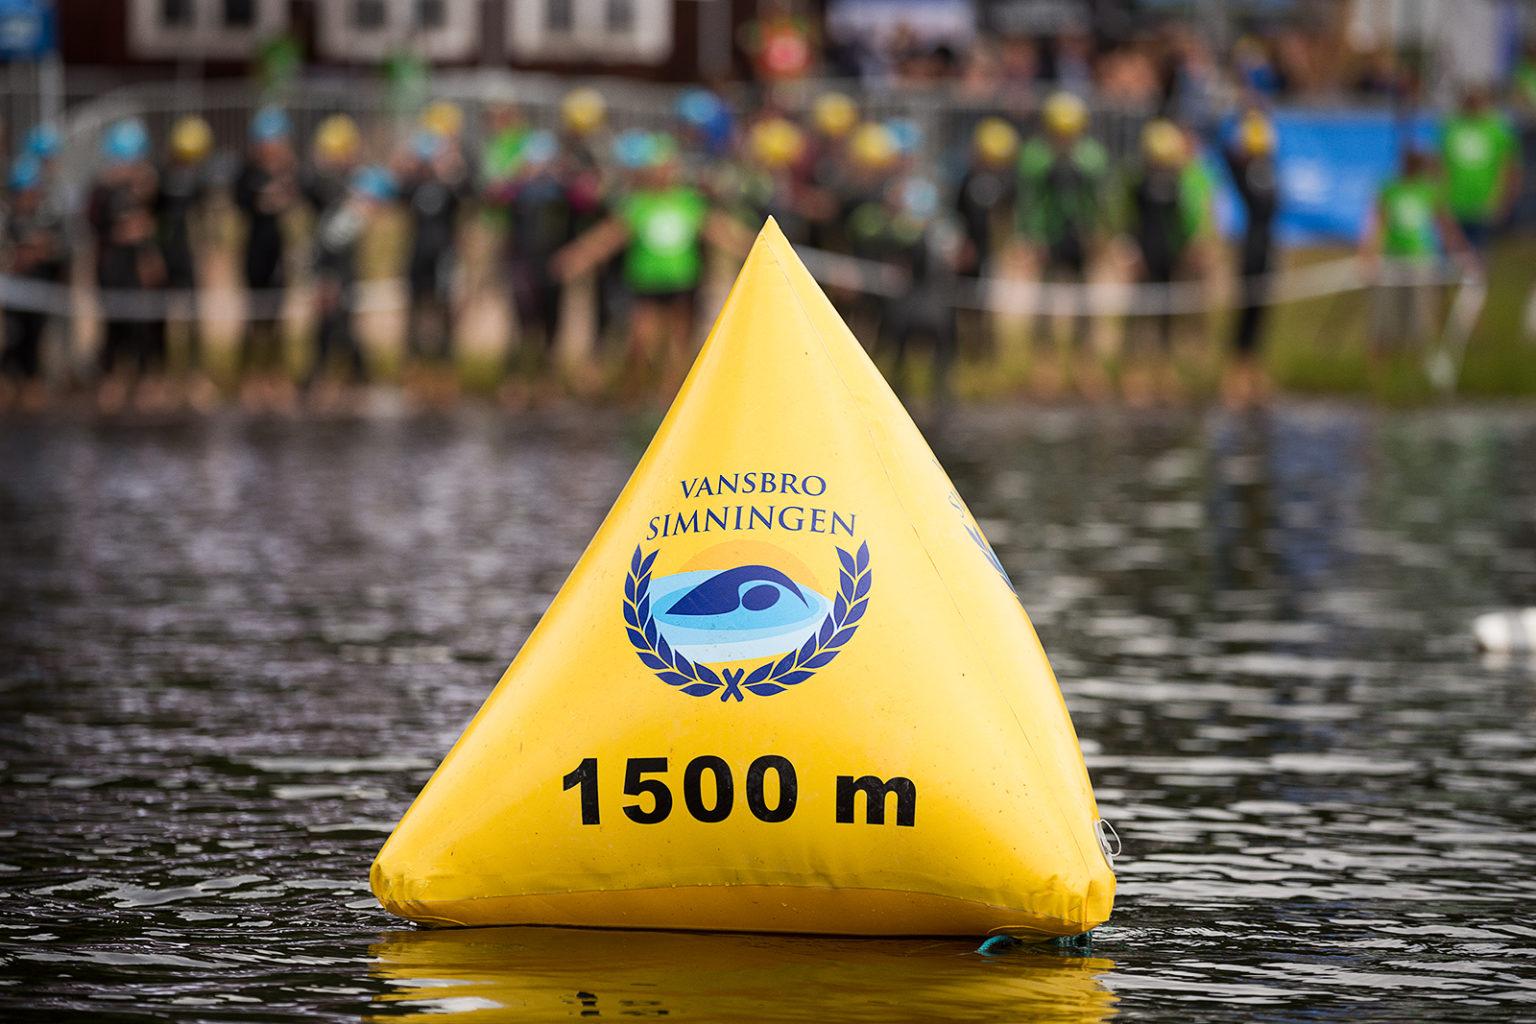 Gul uppblåsbar boj med Vansbrosimningens logotyp och texten 1500 m.